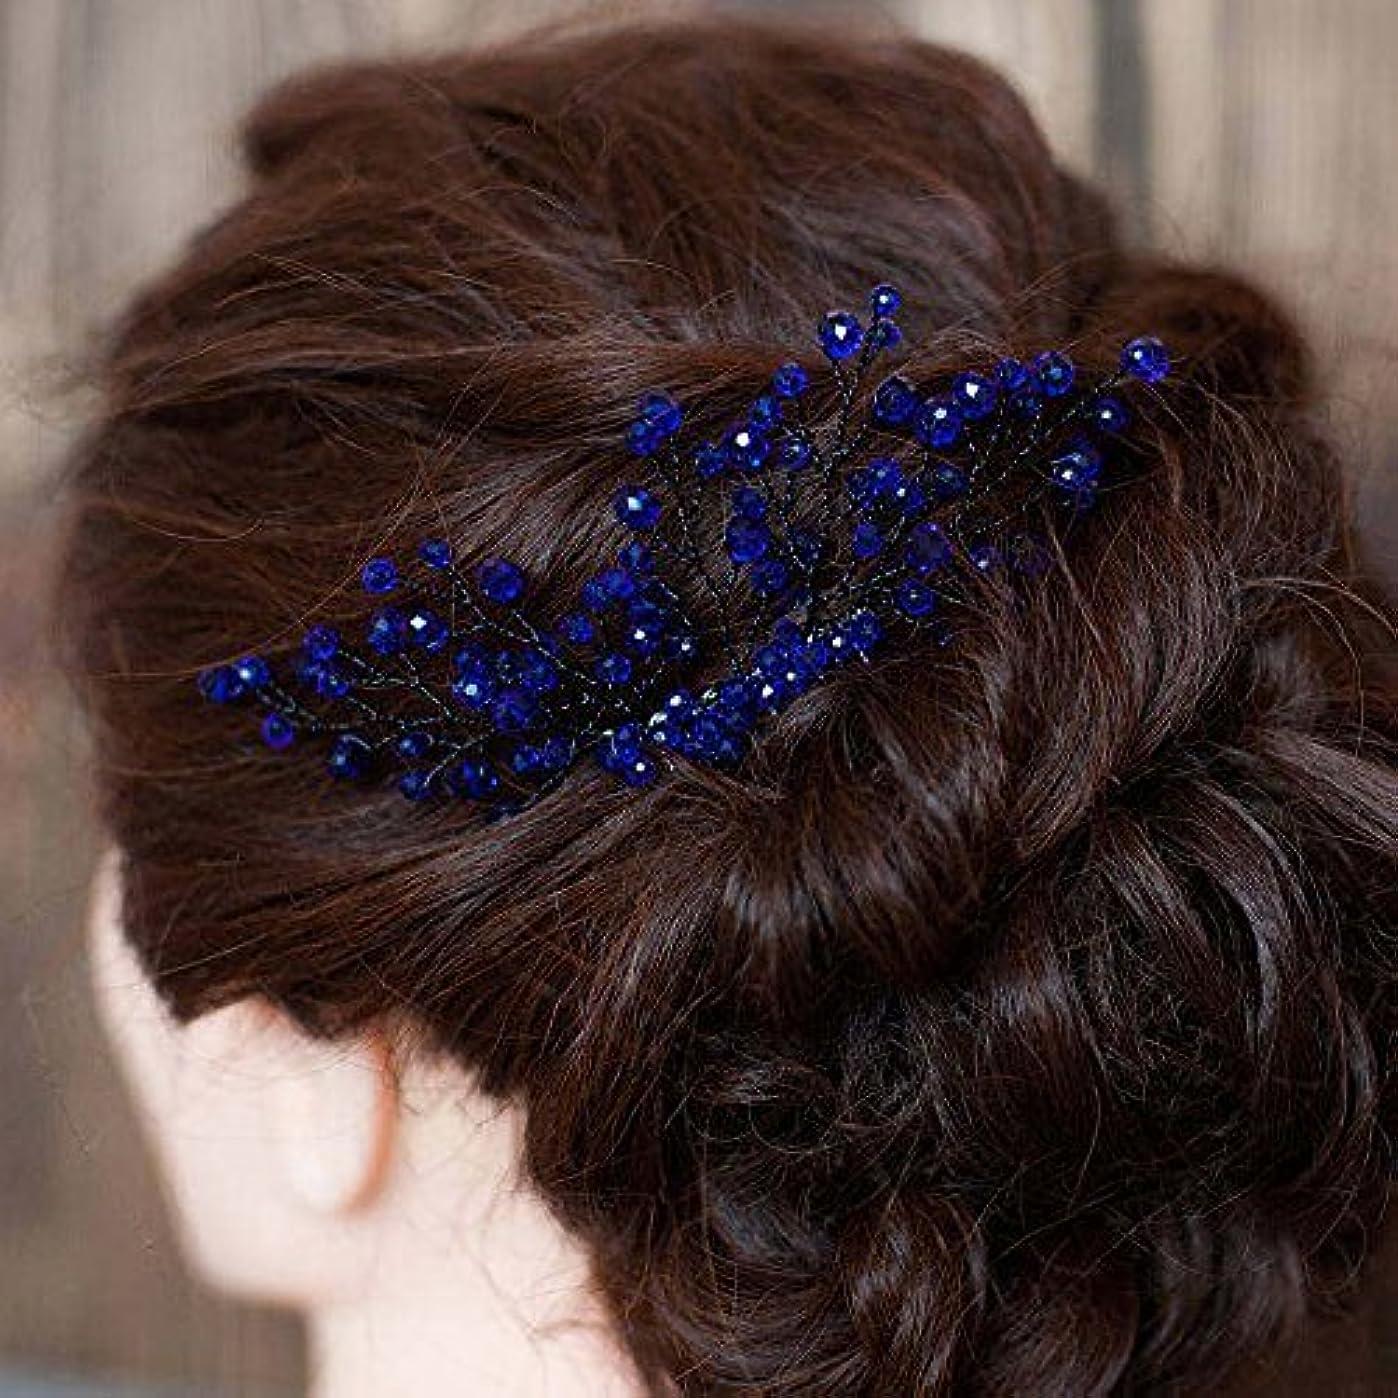 断言する追い払う状FXmimior Bridal Women Navy Blue Vintage Crystal Rhinestone Vintage Hair Comb Wedding Party Hair Accessories [並行輸入品]